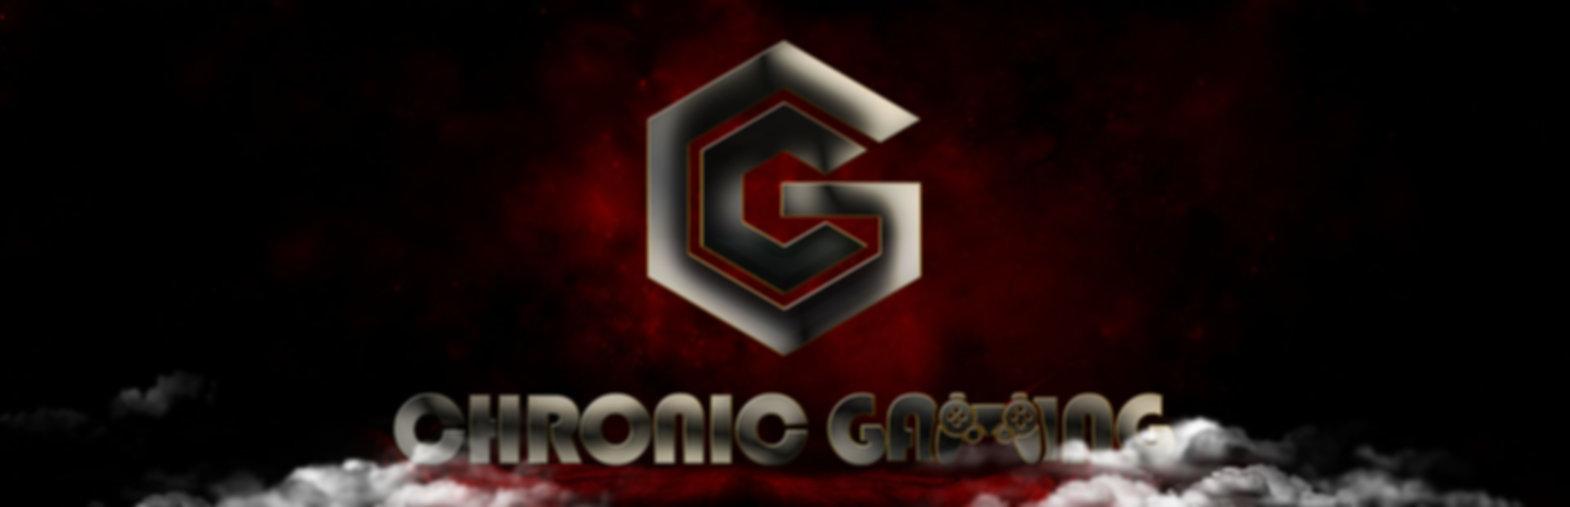 CGBackgound1.jpg